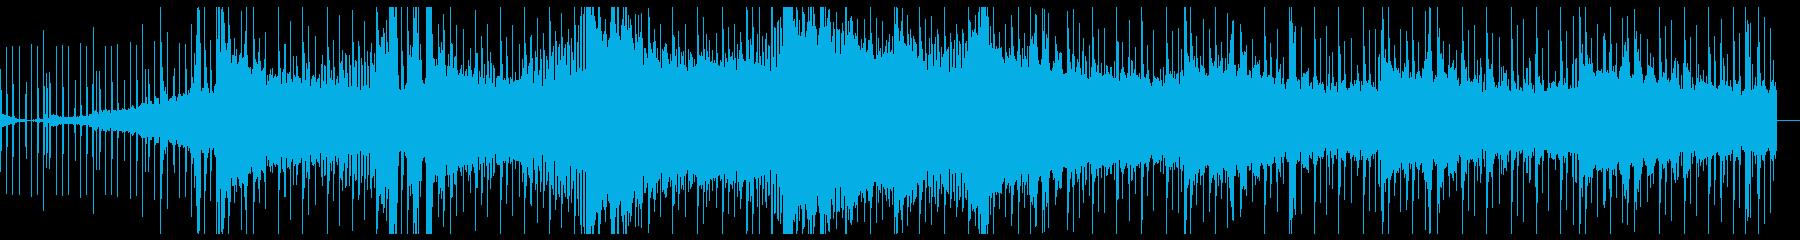 静かに始まる、わくわくする物語の序曲の再生済みの波形